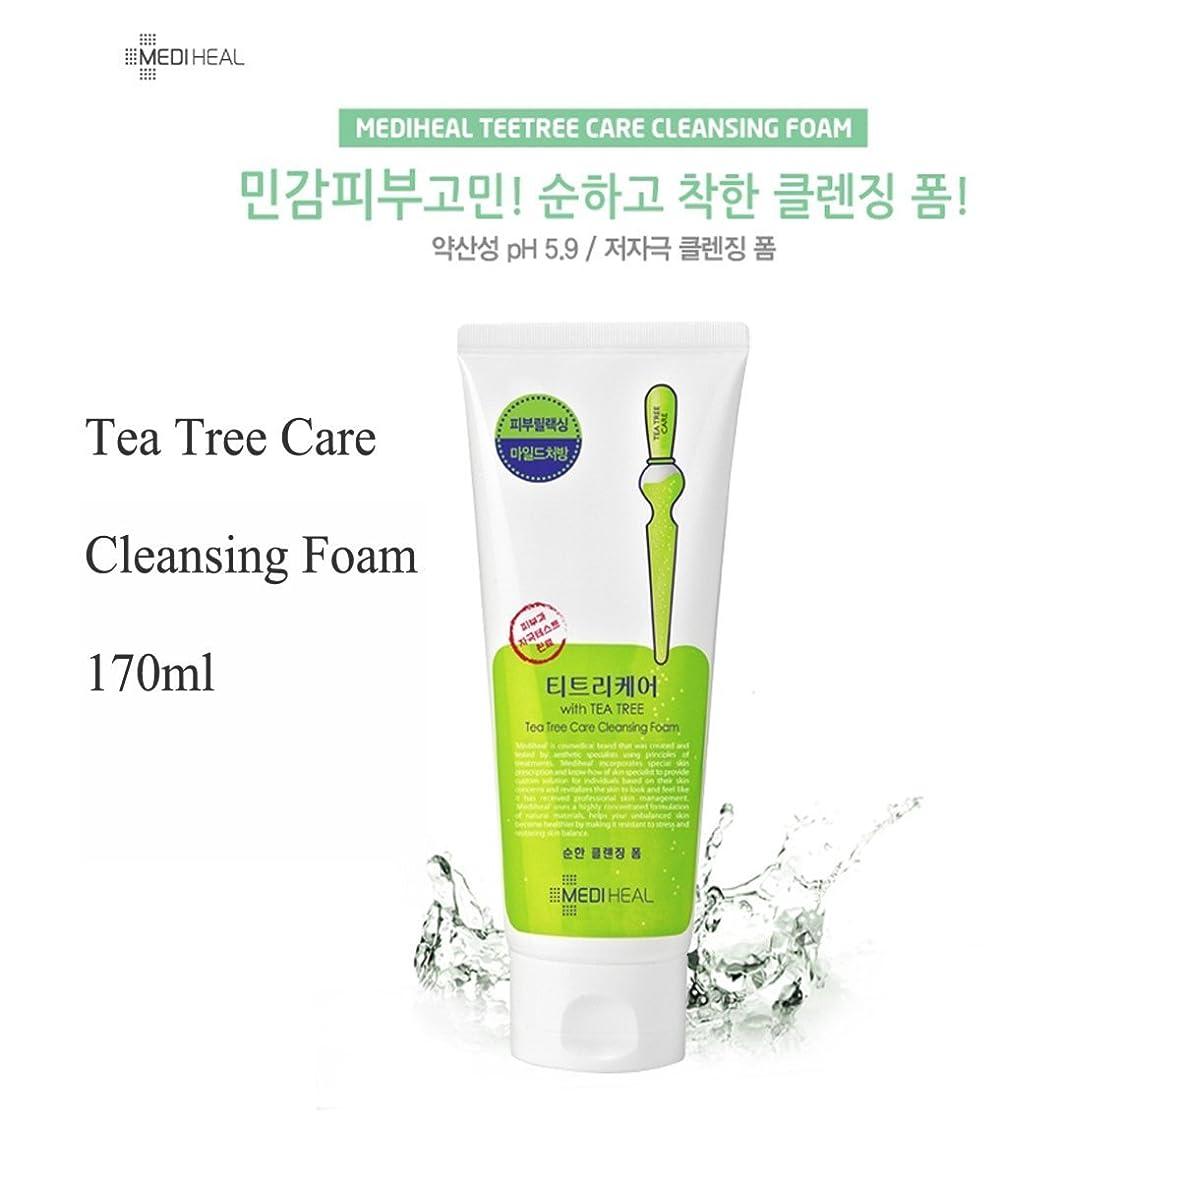 アロング同化教育者MEDIHEAL Tea Tree Foam Cleansing 170ml/メディヒール ティー ツリー フォーム クレンジング 170ml